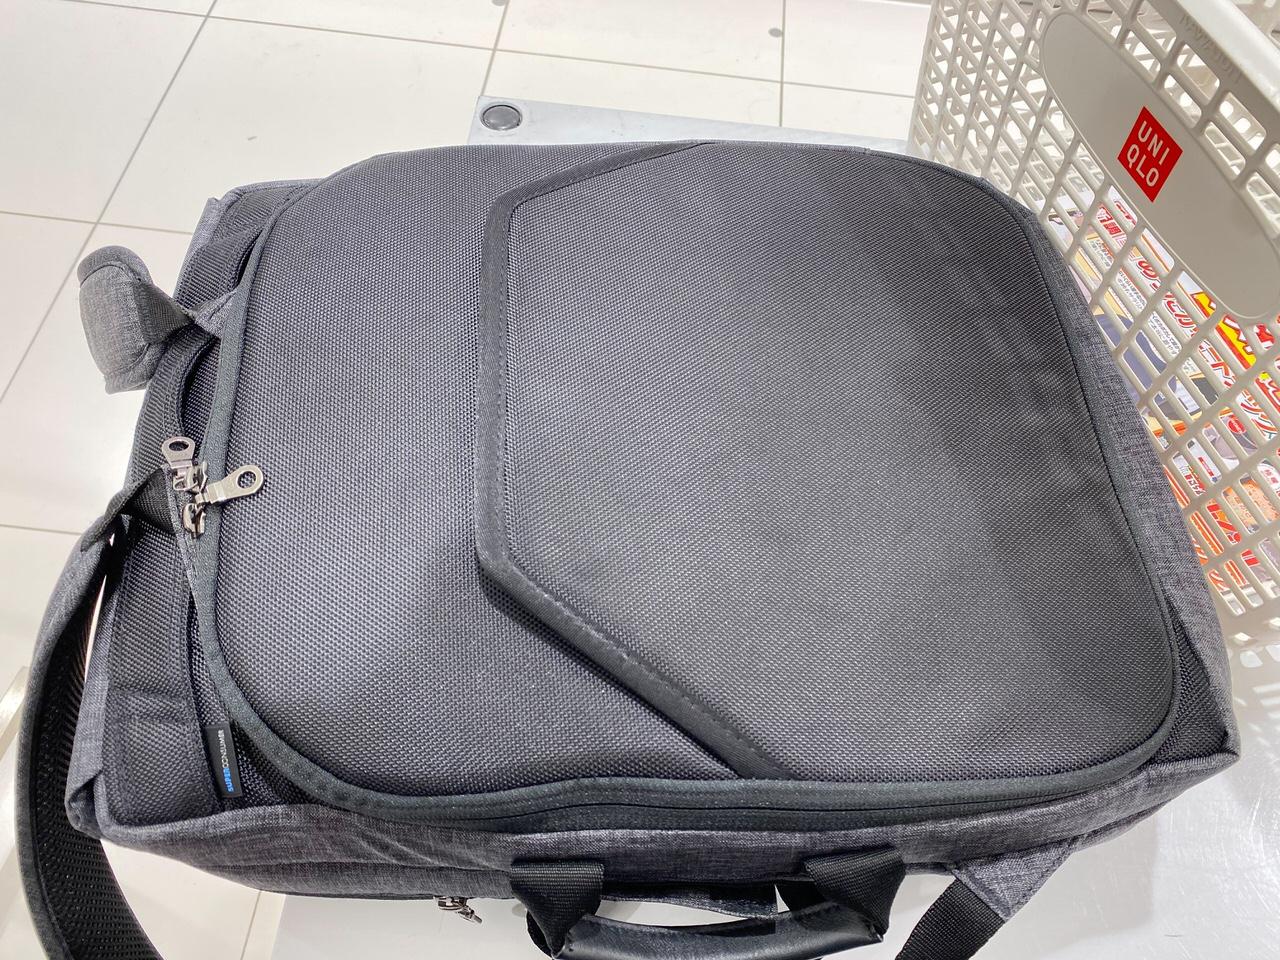 「かわるビジネスリュックmini」買い物バッグとしての普段遣いもけっこう良い 3